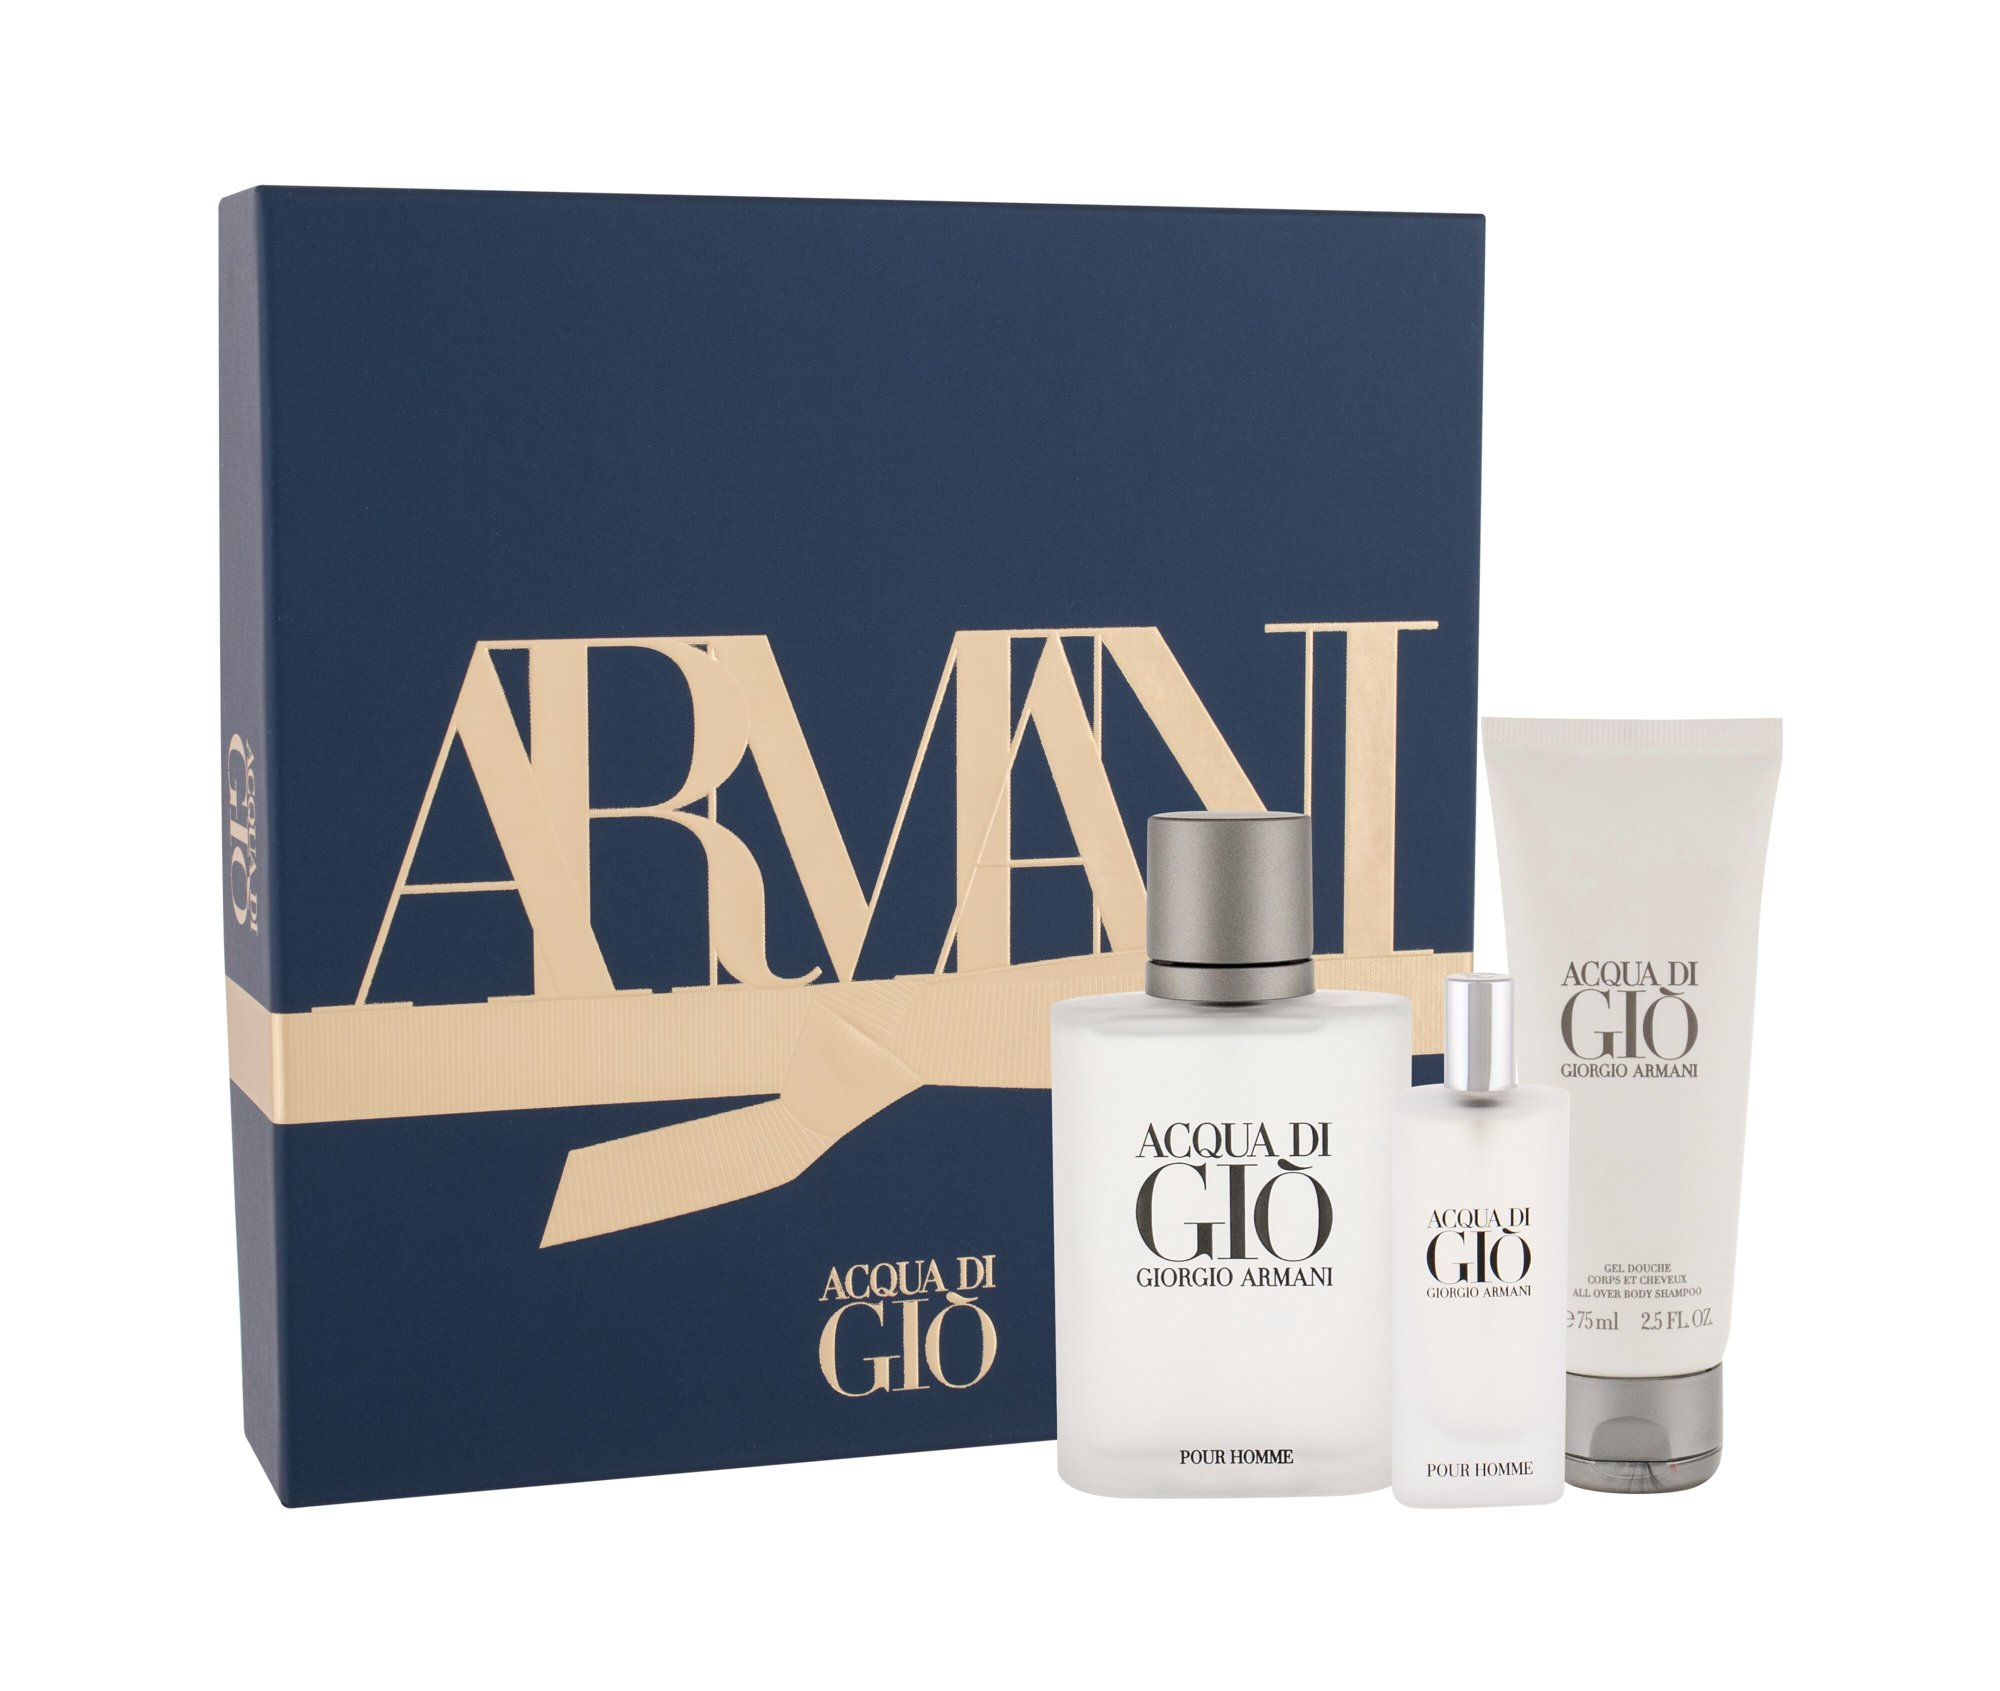 Giorgio Armani Acqua di Gio Pour Homme, Toaletní voda 100 ml + Toaletní voda 15 ml + sprchovací gél 75 ml